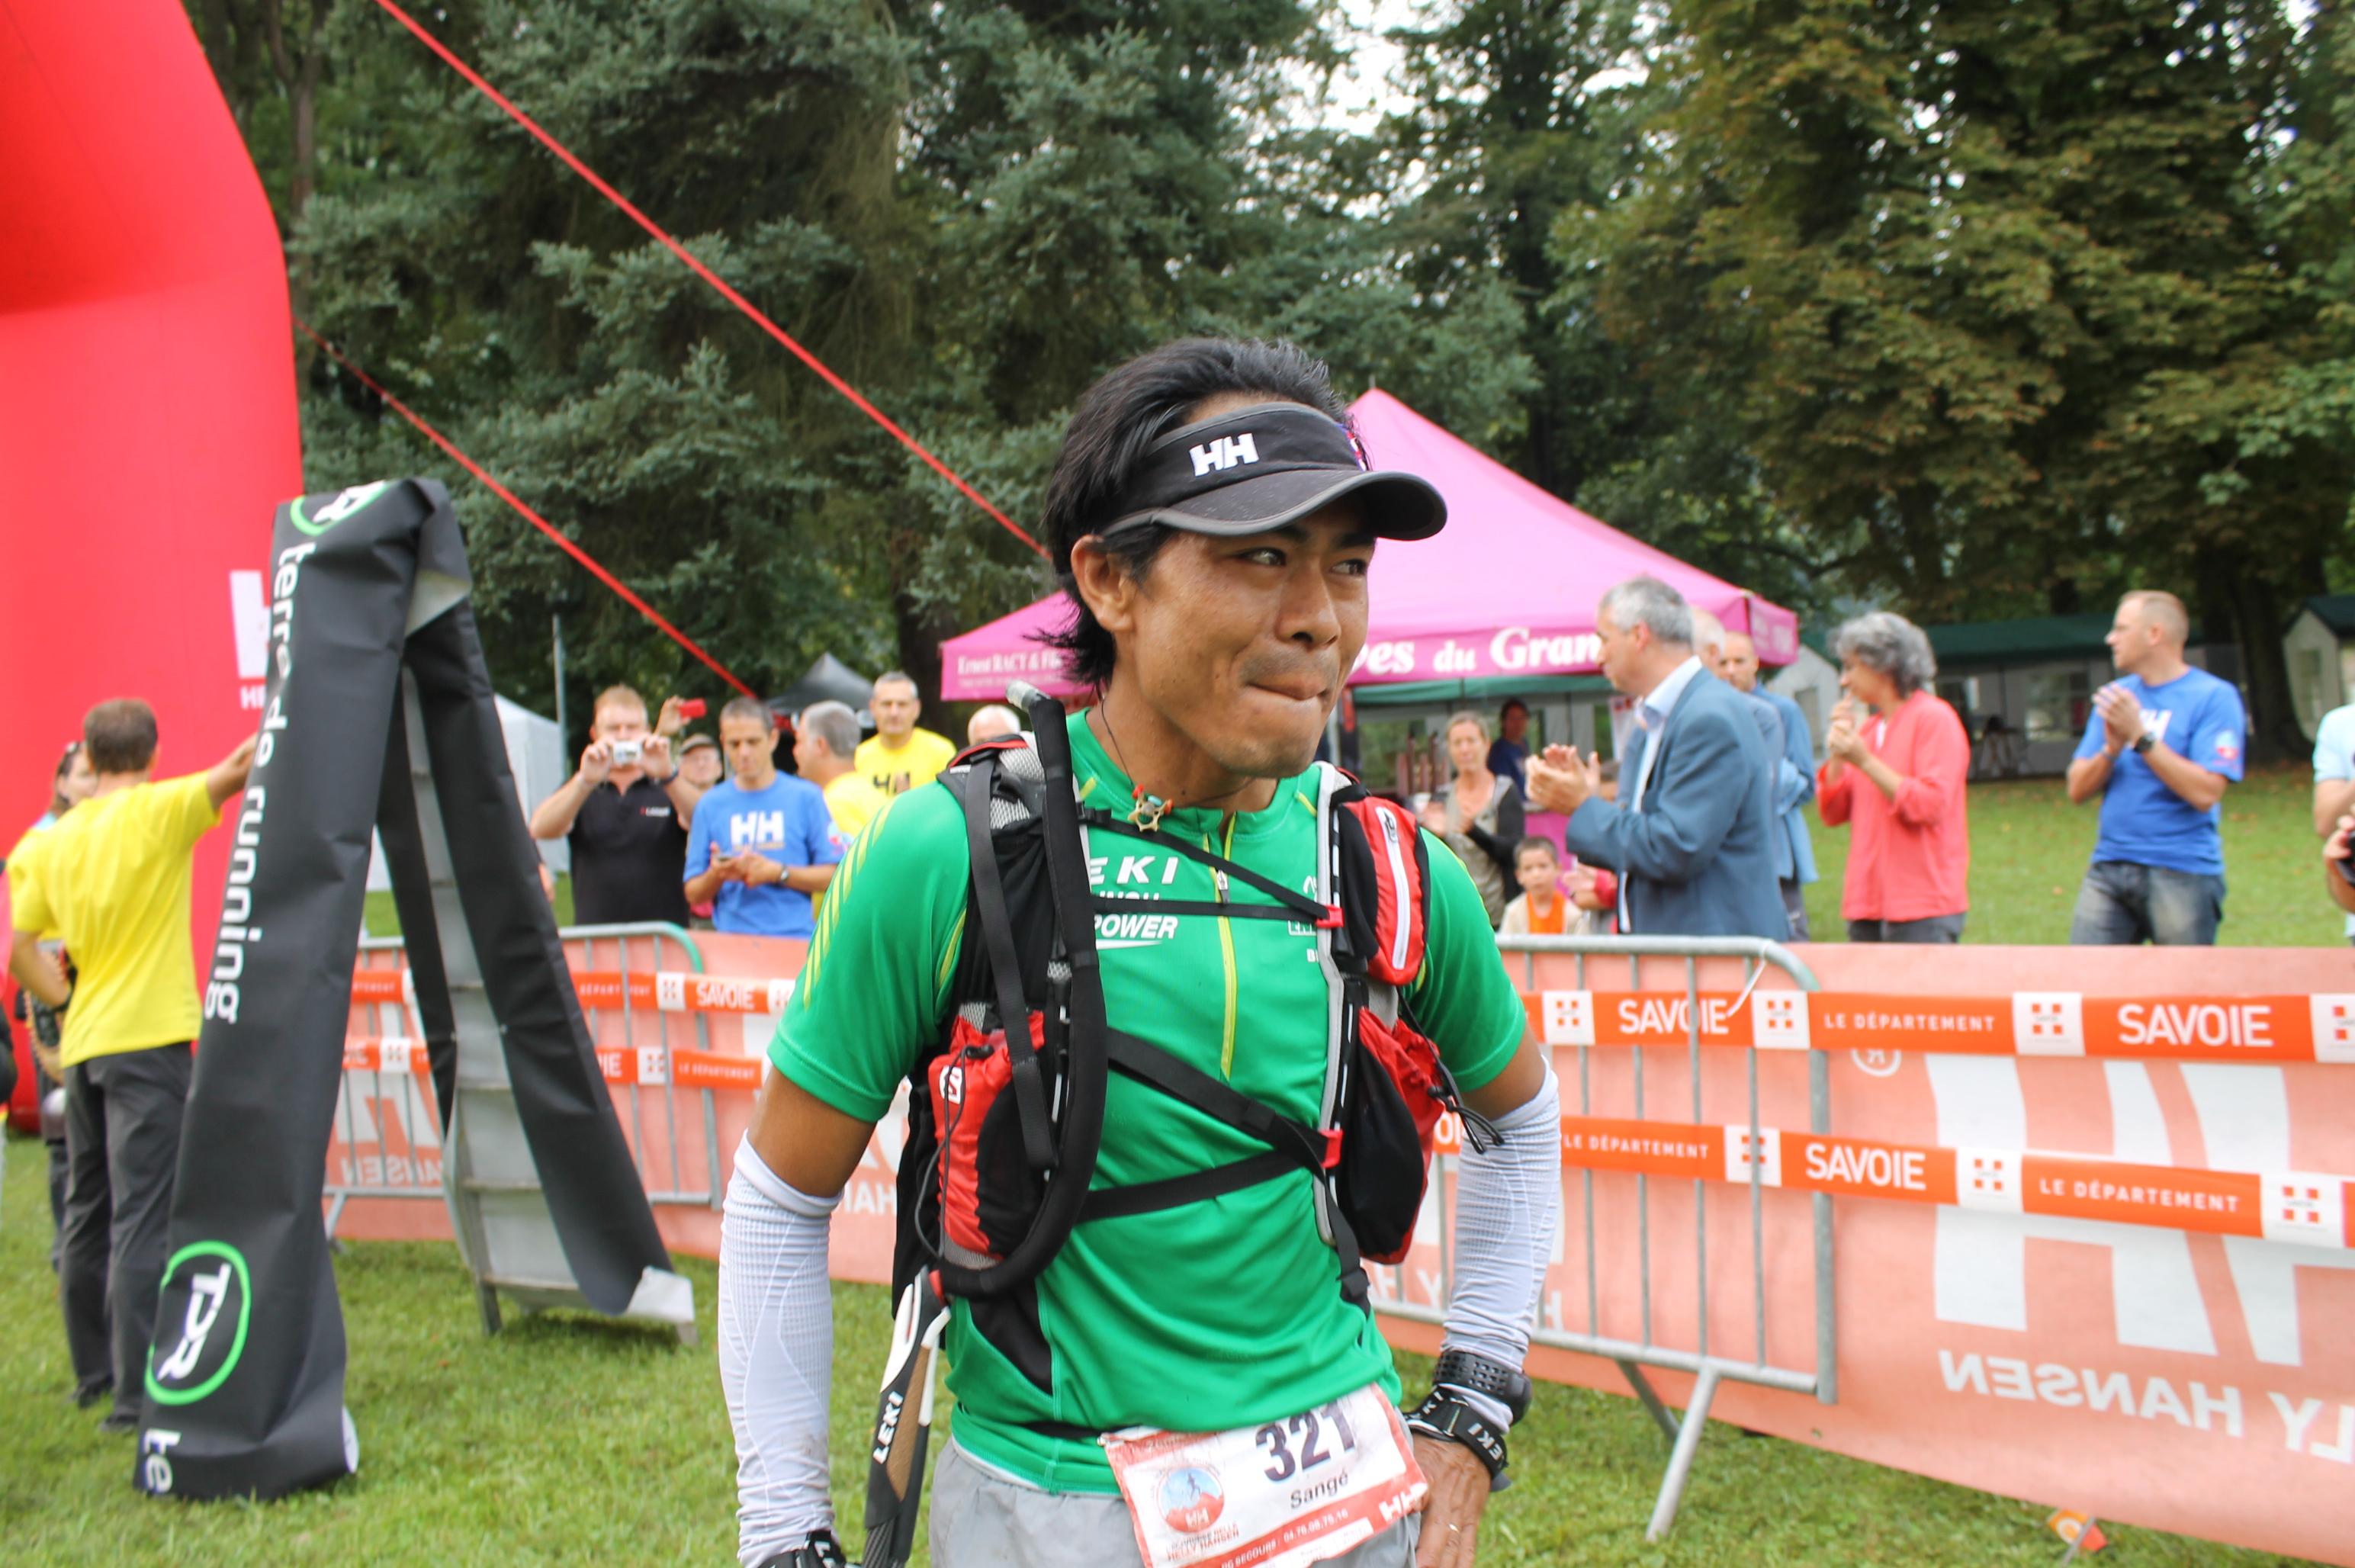 IMG 5443 - ECHAPPEE BELLE-HELLY HANSEN 2014 : l'interview exclusive du vainqueur Sangé Sherpa (Alexandre Garin), résultats et photos.